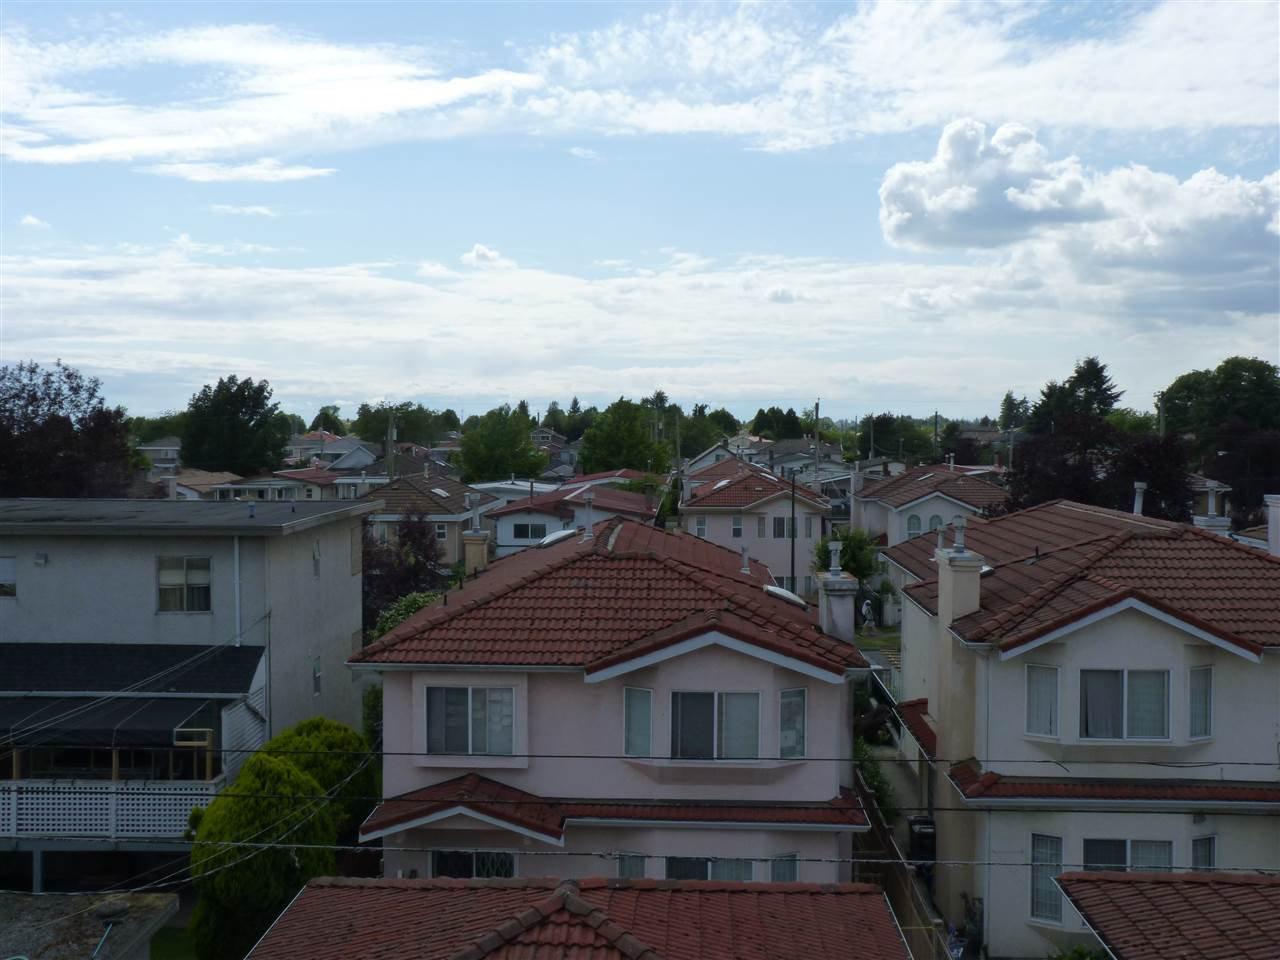 Main Photo: 310 1958 E 47TH AVENUE in Vancouver: Killarney VE Condo for sale (Vancouver East)  : MLS®# R2078683